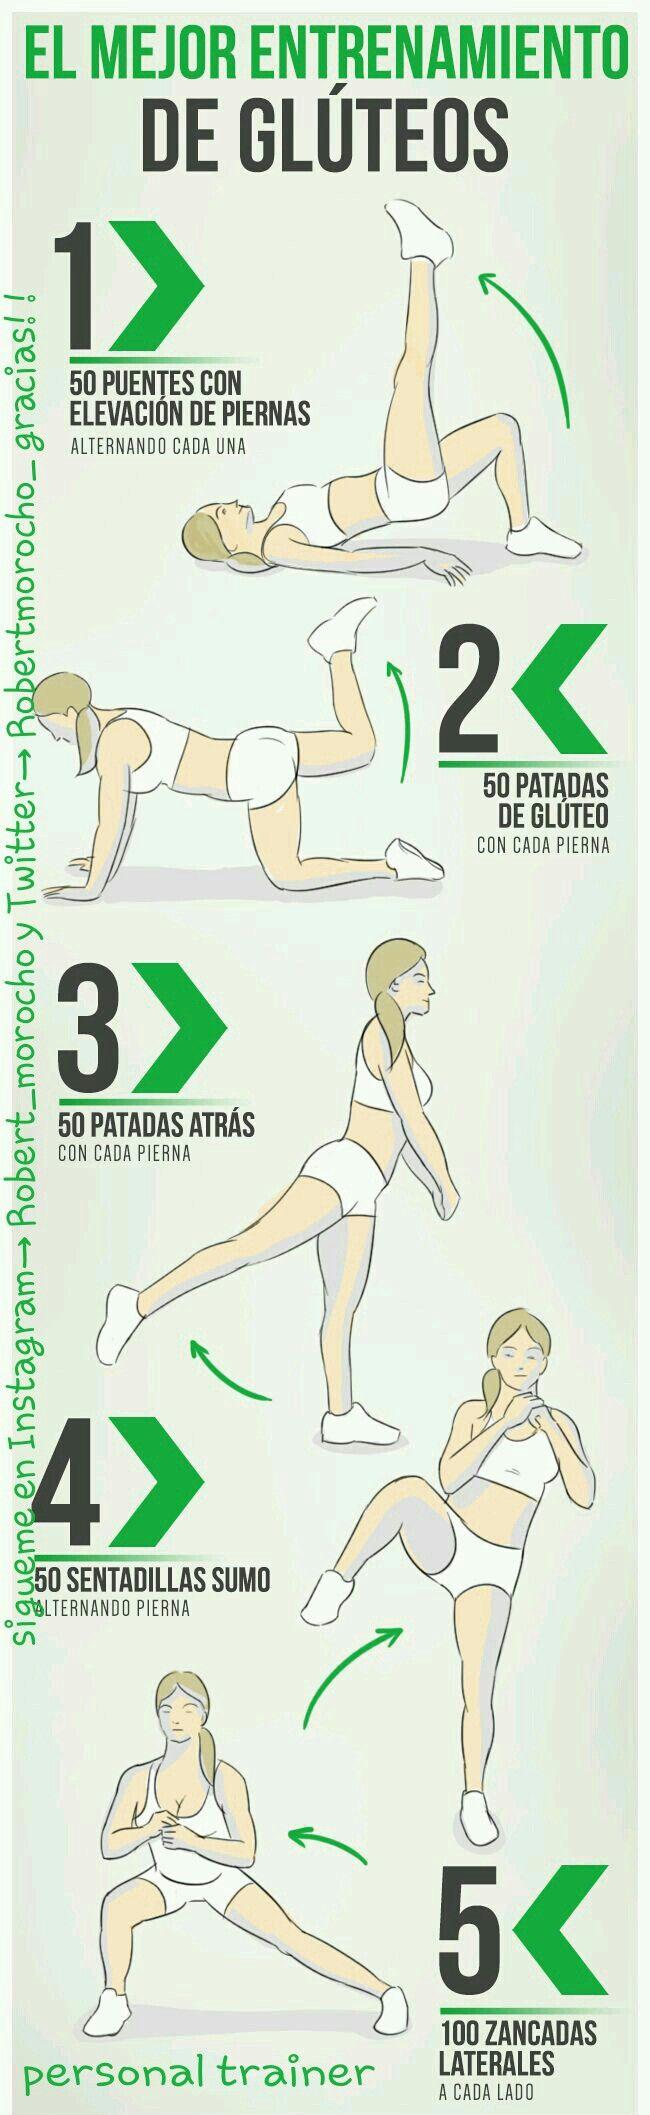 A entrenar piernas. Ejercicios simples para tonificar piernas y glúteos sin necesidad de gimnasio!! effects of bad posture flexibility